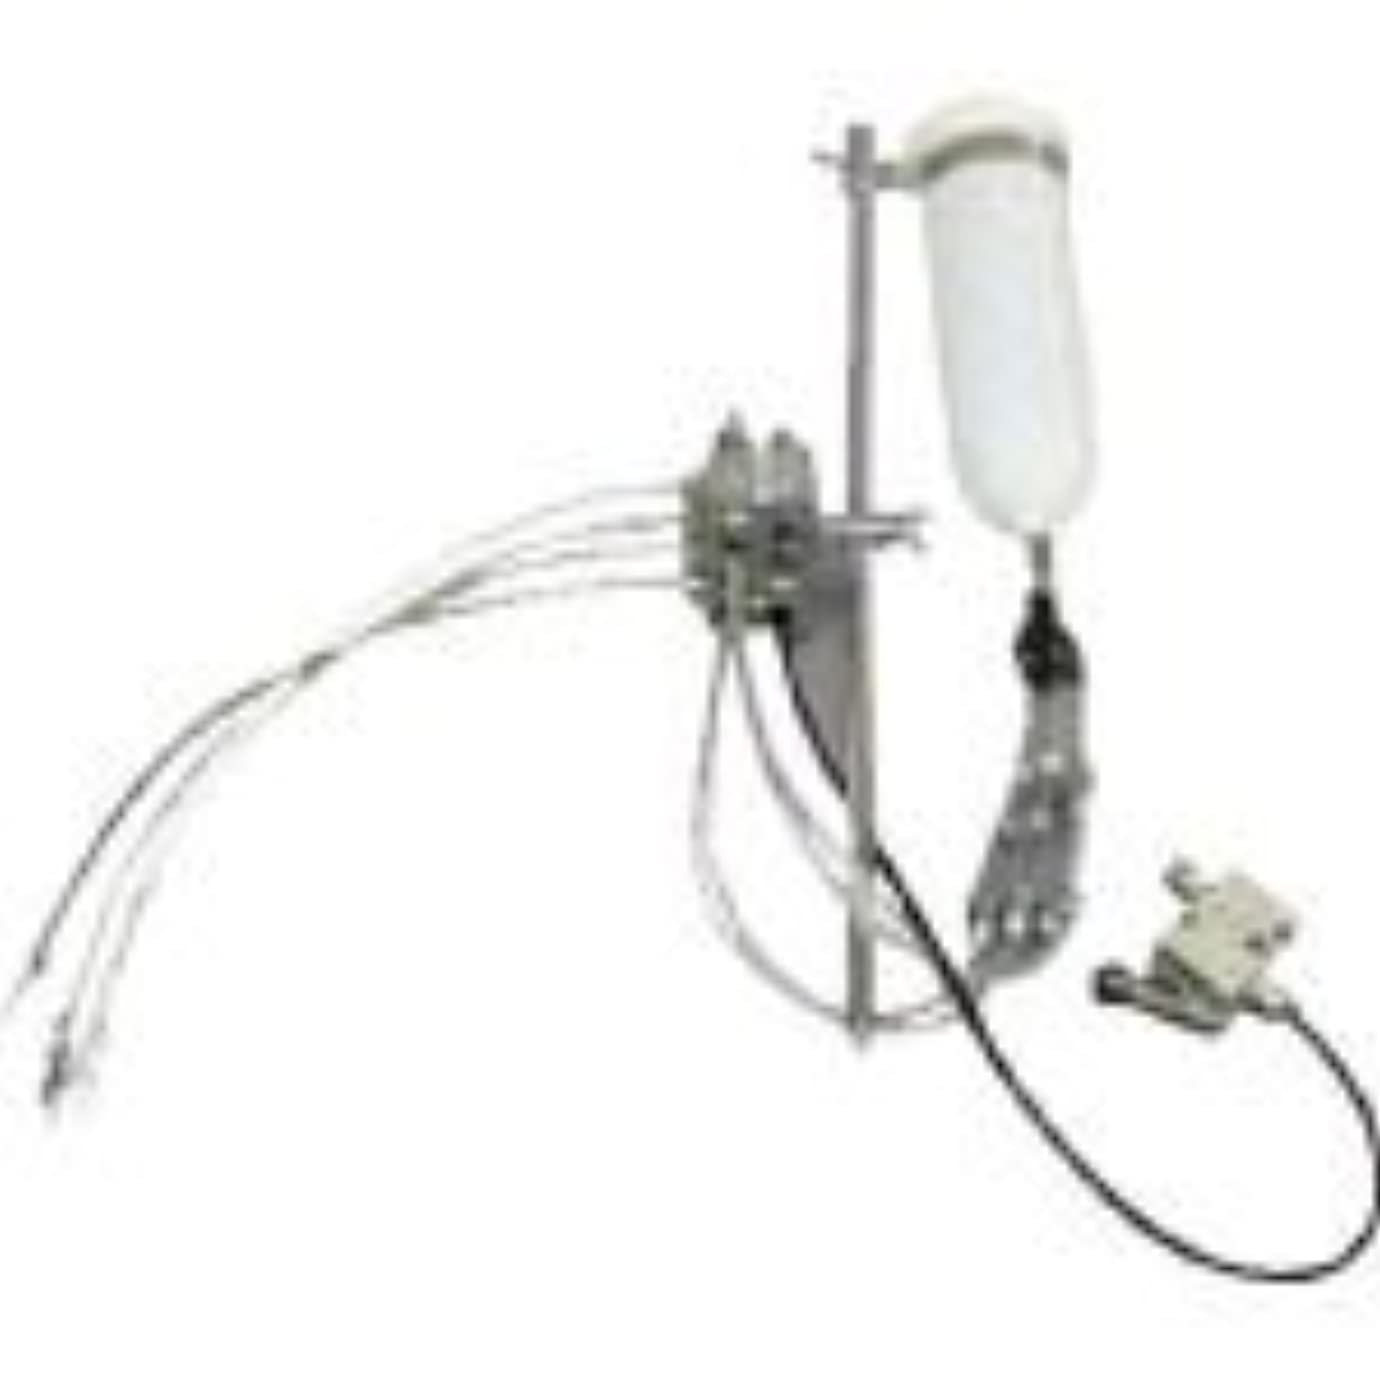 血インフレーション課す扶桑精機 マジックカットe-ミストEM4-UX-S30 4軸UXセットS30cm付 EM4-UX-S30 (732-0621) 《冷却装置》